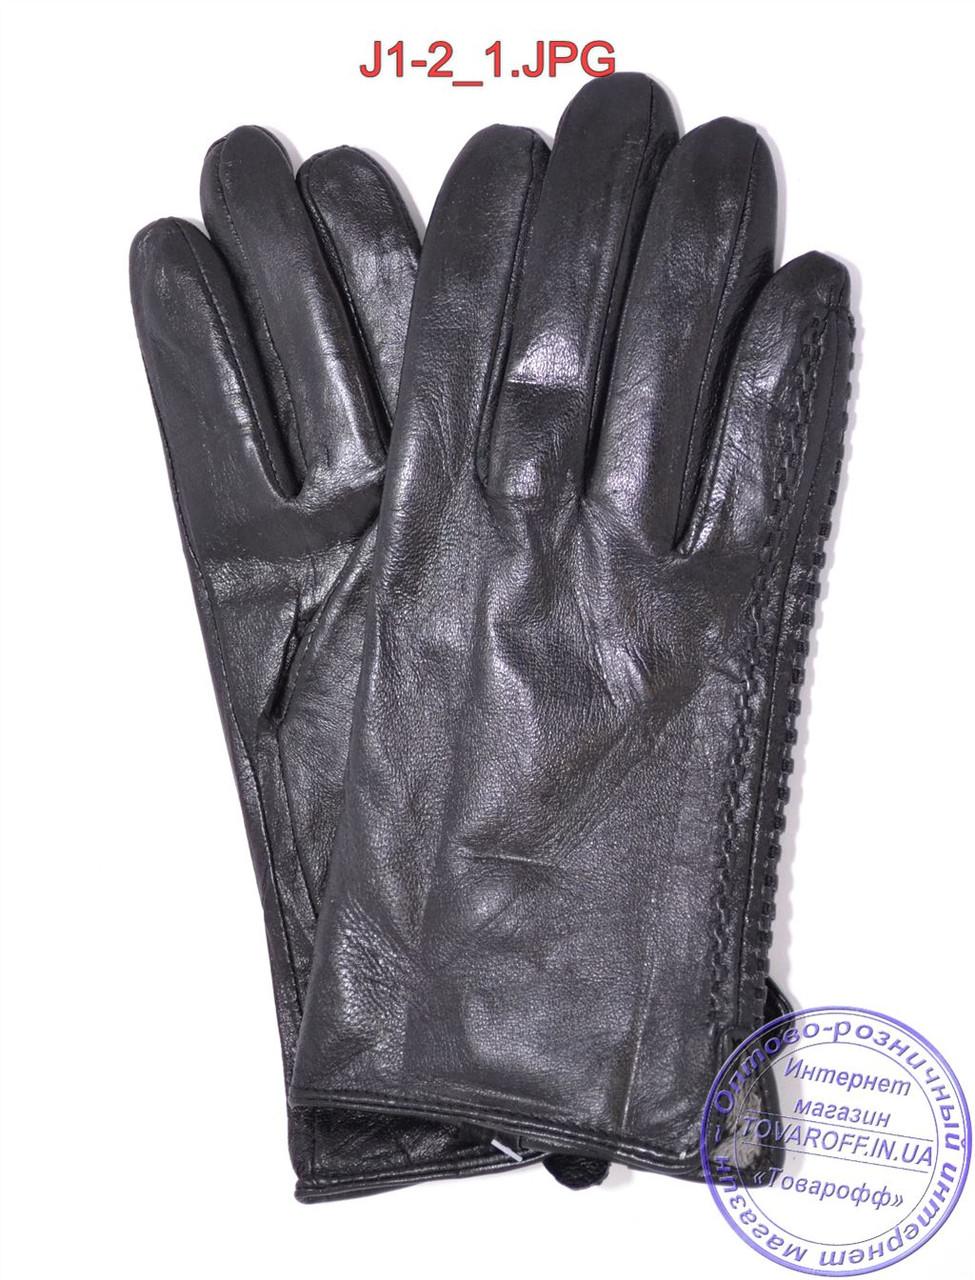 Оптом подростковые кожаные перчатки с плюшевой подкладкой  - №J1-2